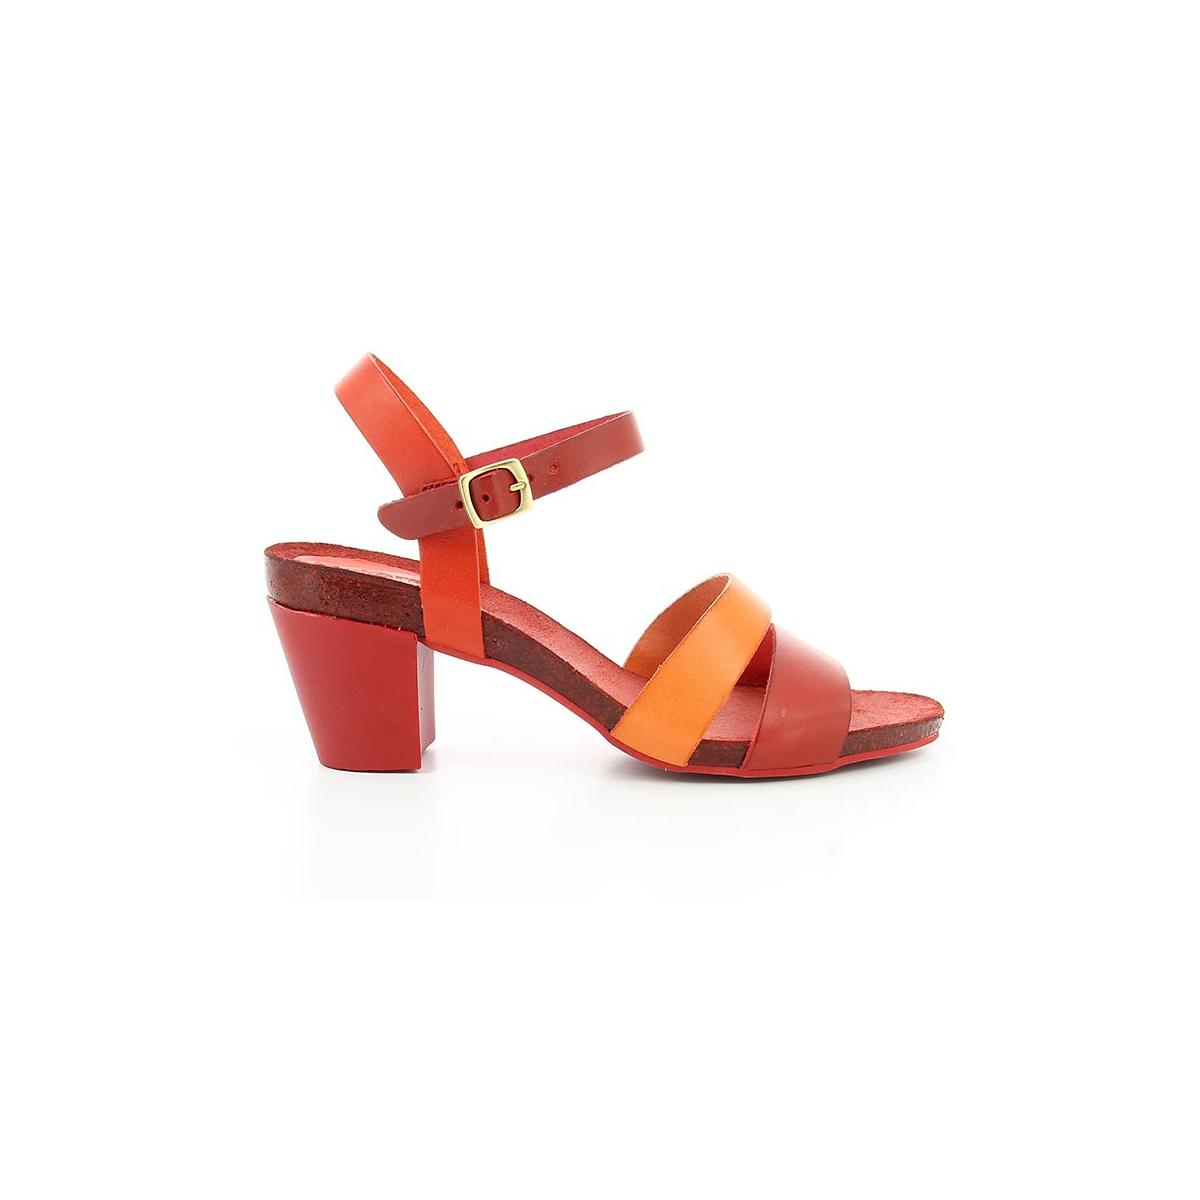 Sandales à talon Pietra - KICKERS - RougeKickers JjhKtN2aa6